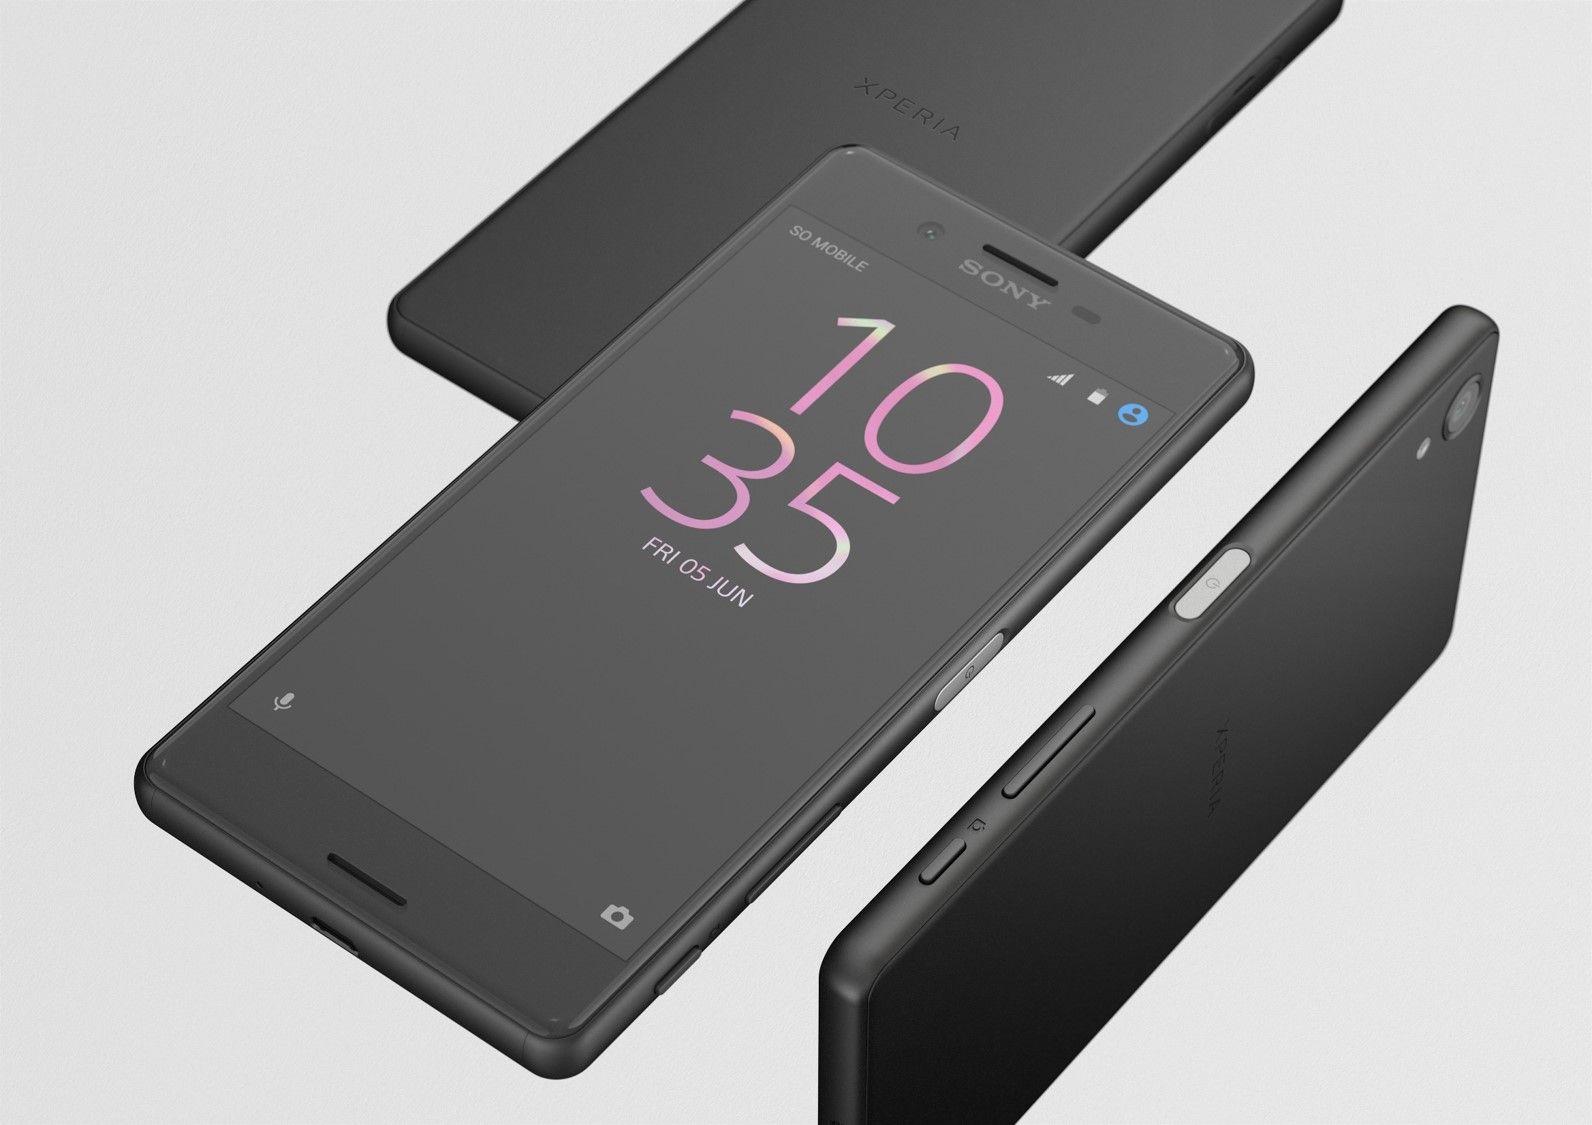 Η Sony Mobile εξελίσσει λανσάρει στην αγορά το νέο Xperia X smartphone